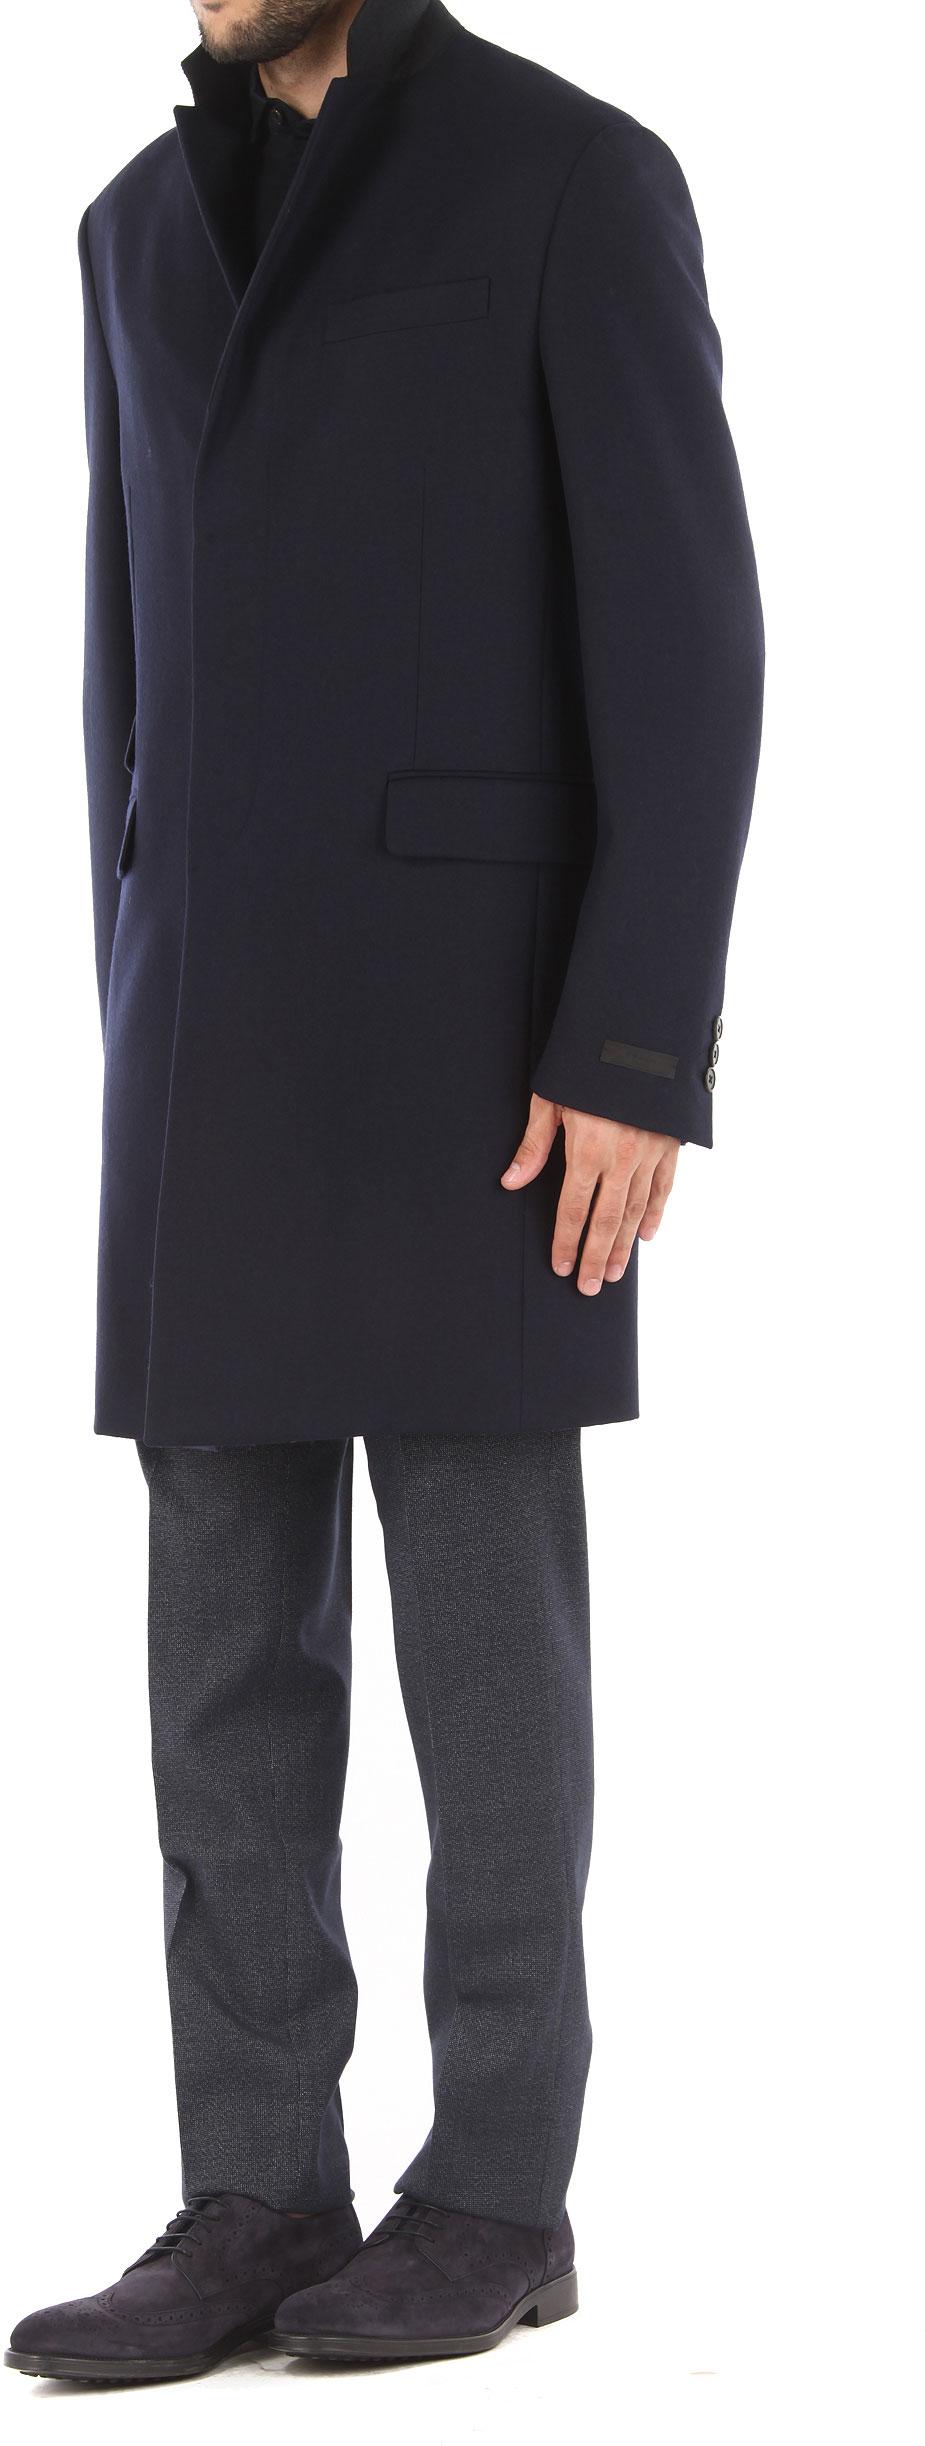 Abbigliamento Uomo Prada, Codice Articolo: uc333d-eh2-f0008